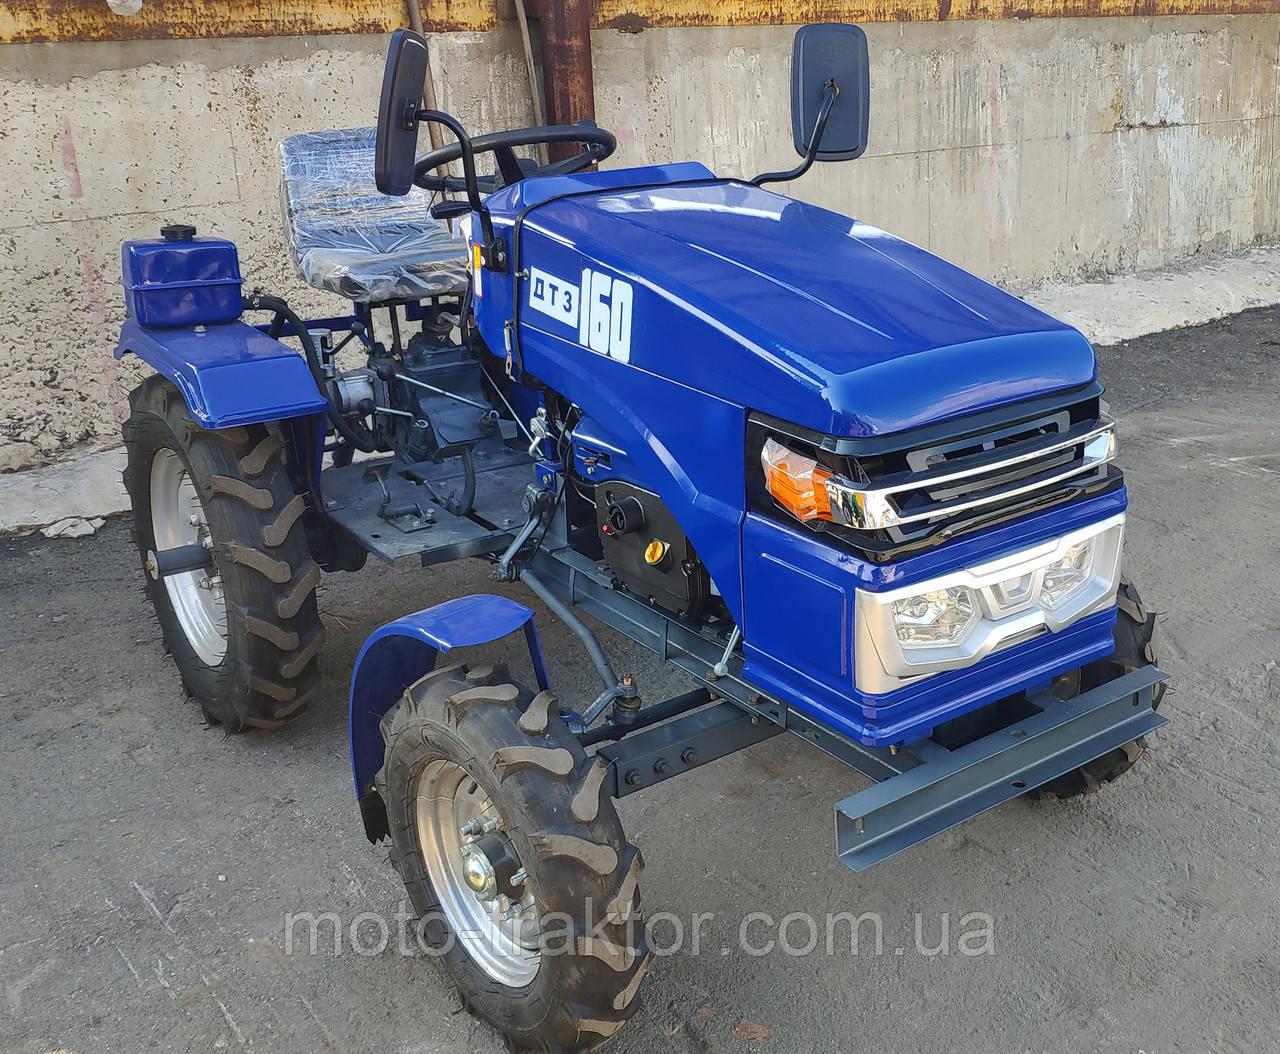 Мототрактор ДТЗ 160 Фреза 120 Бесплатная доставка